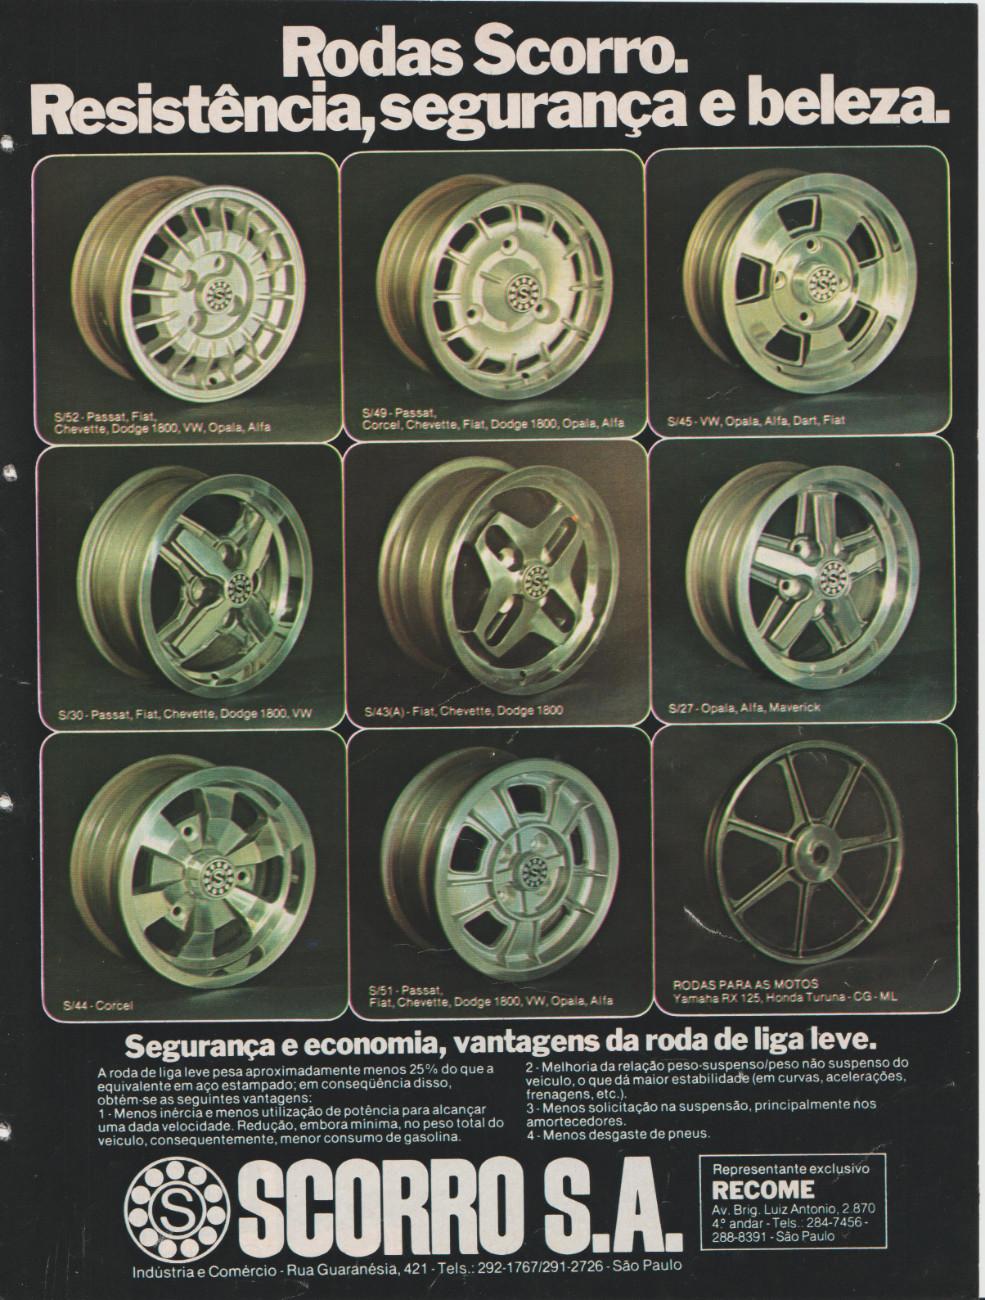 Propaganda antiga das Rodas Scorro veiculado no final dos anos 70